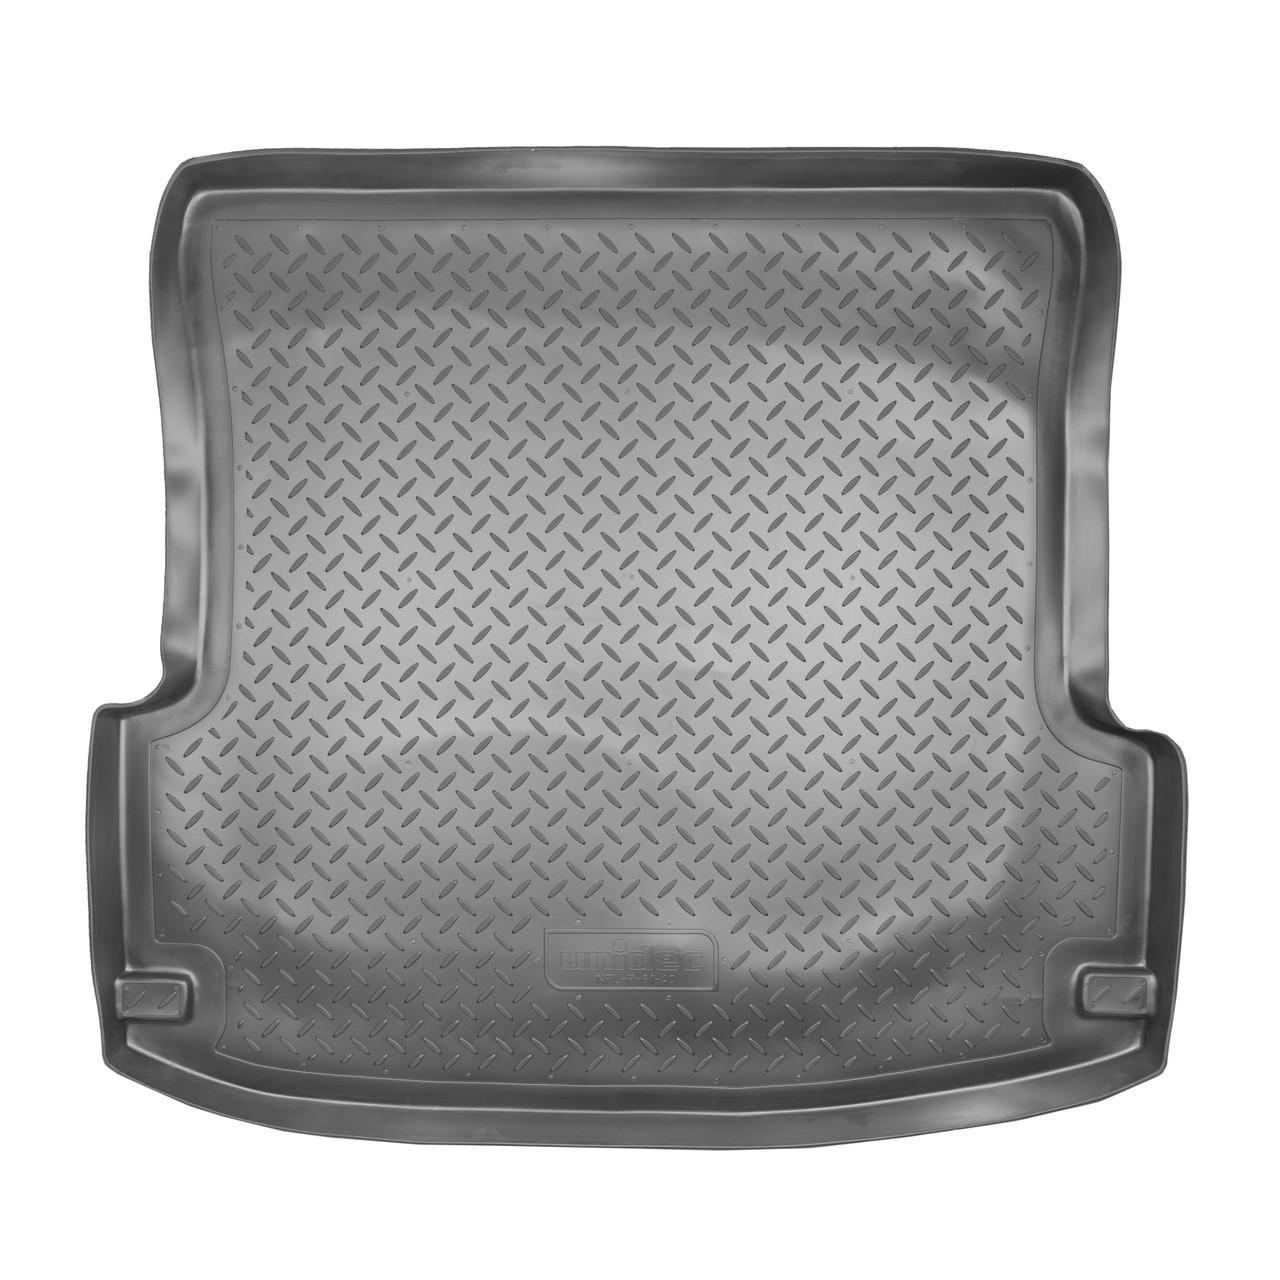 Коврик в багажник Skoda Octavia I (A4) HB (1997-2000)\ Octavia Tour (A4) HB (2000-2010)